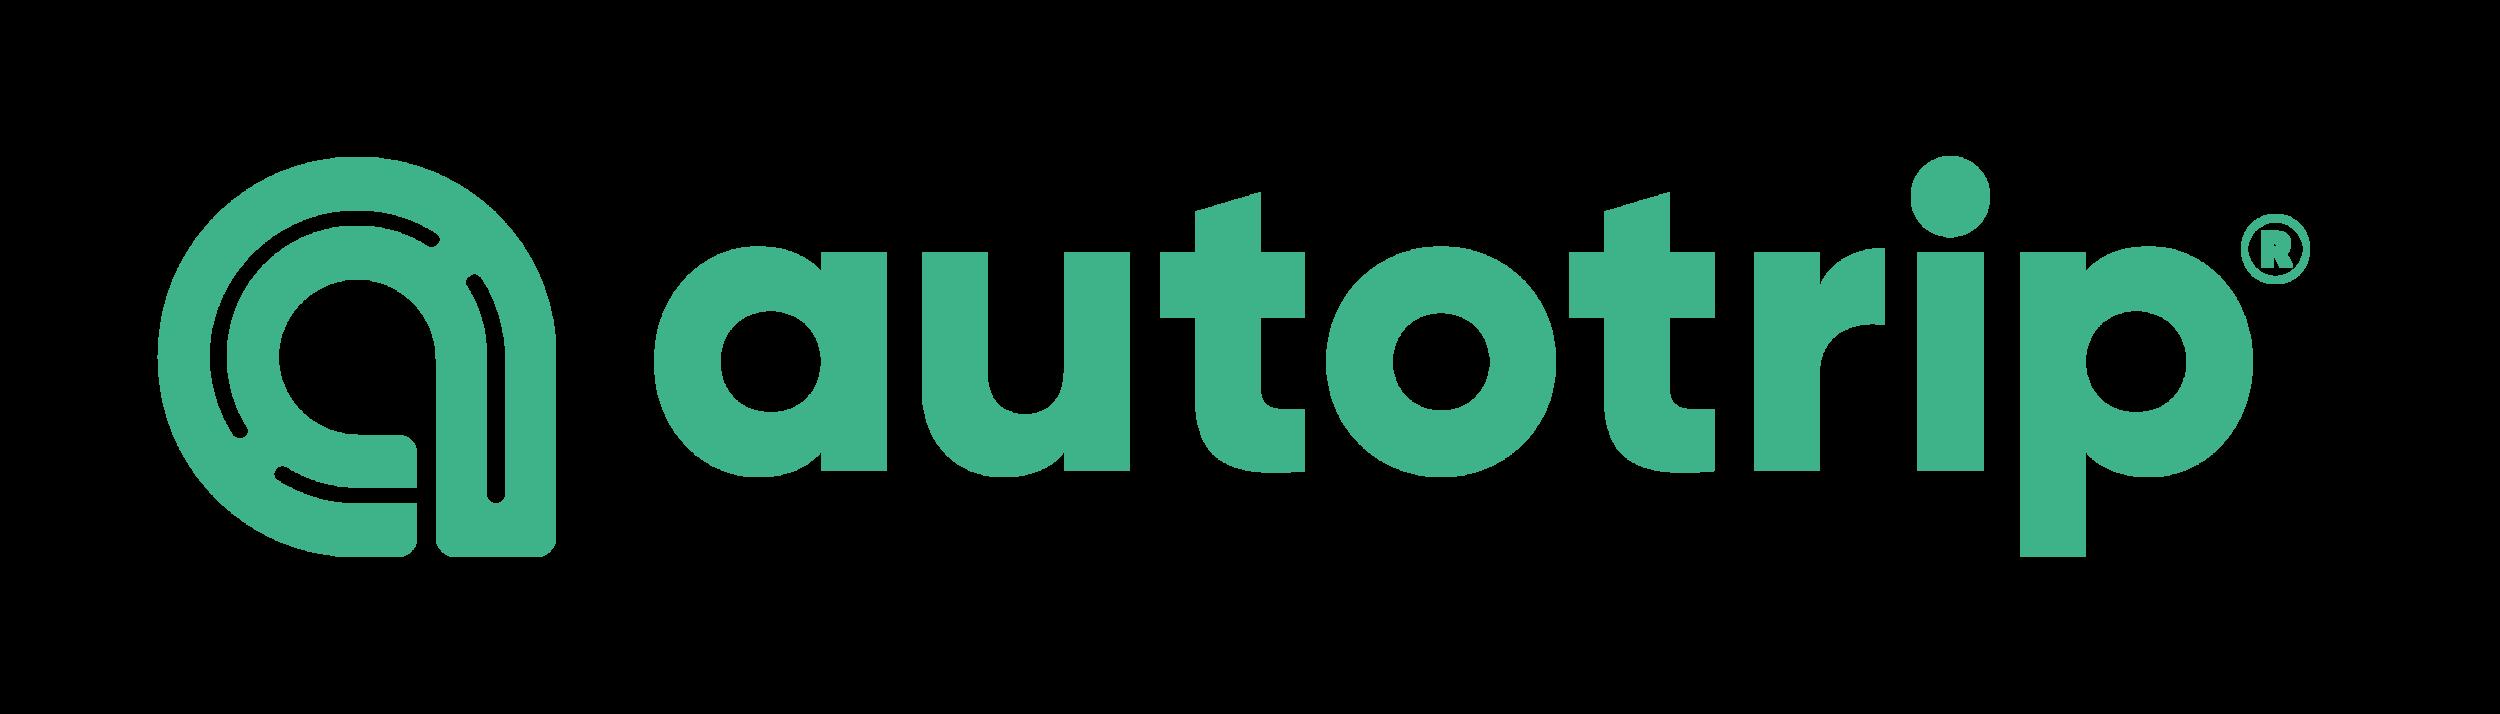 autotrip_logo_teal-v3.png